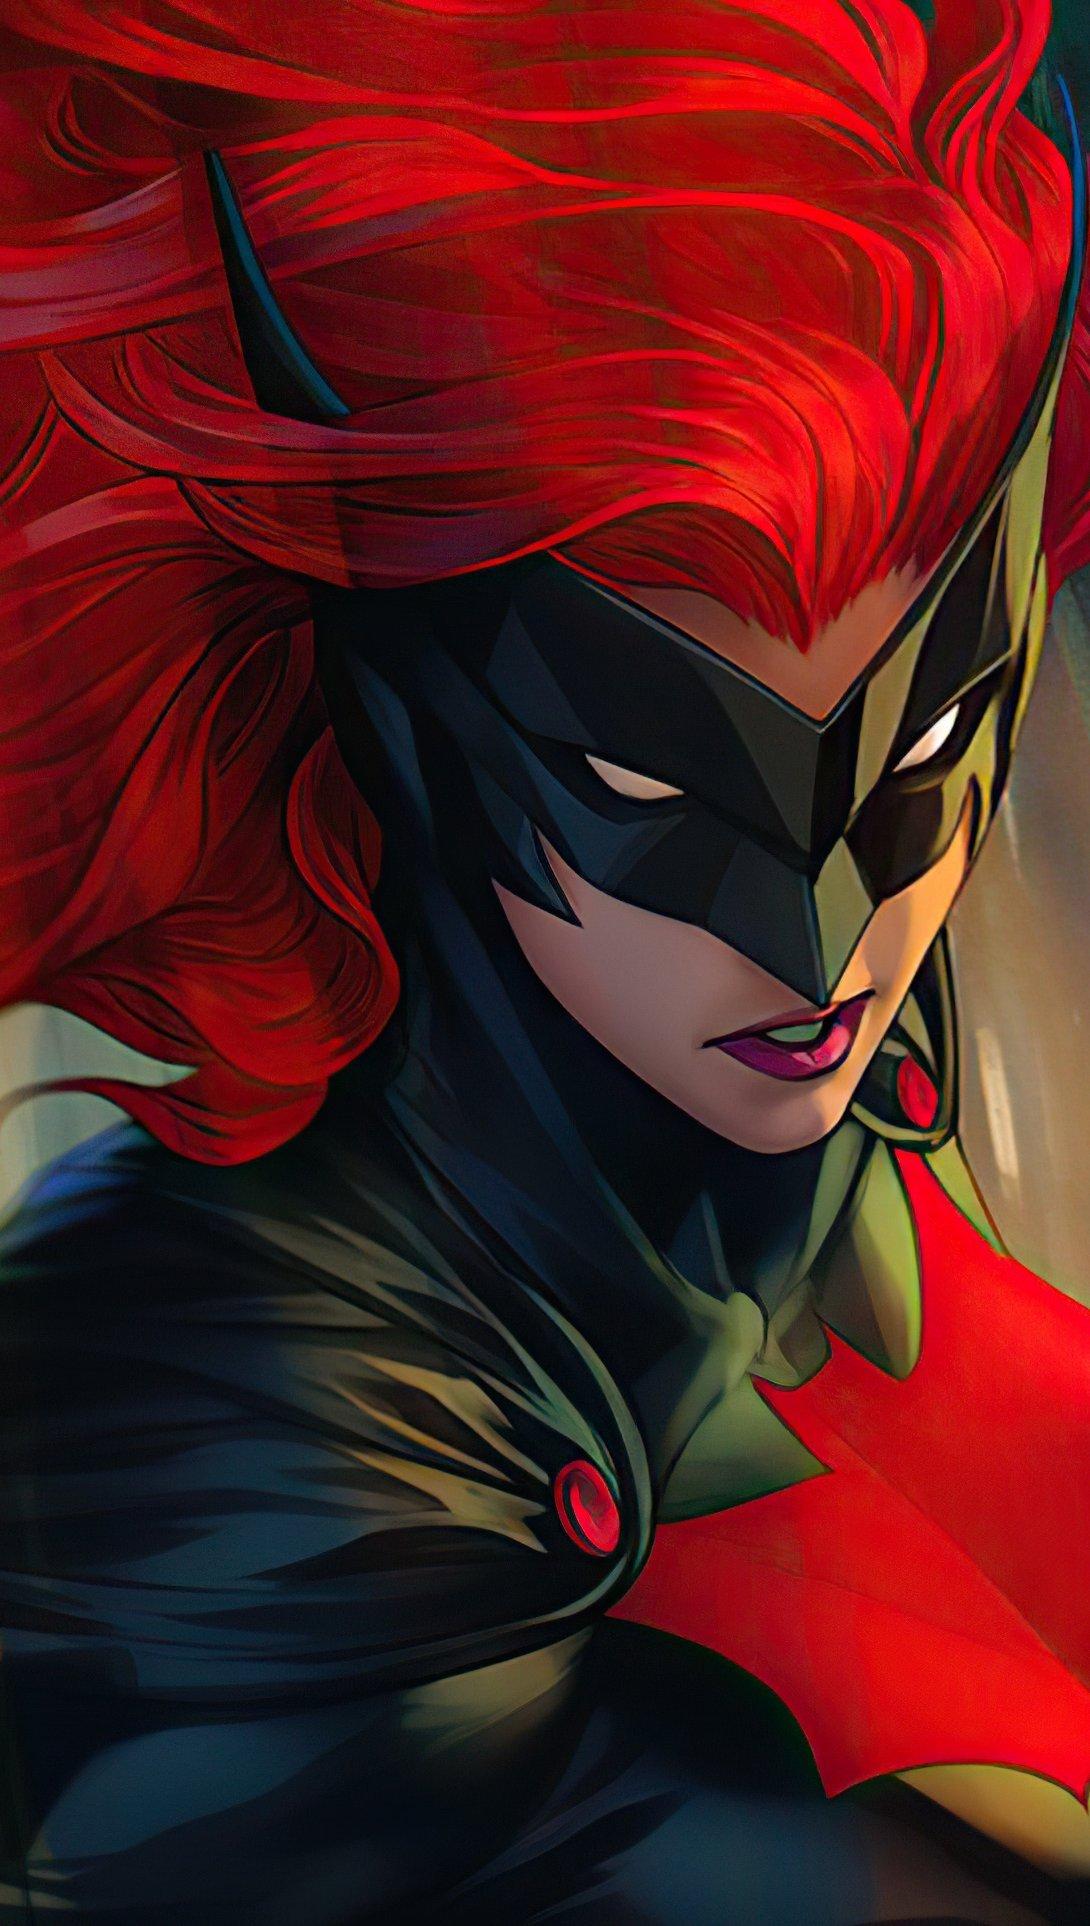 Wallpaper Batwoman Fanart 2020 Vertical